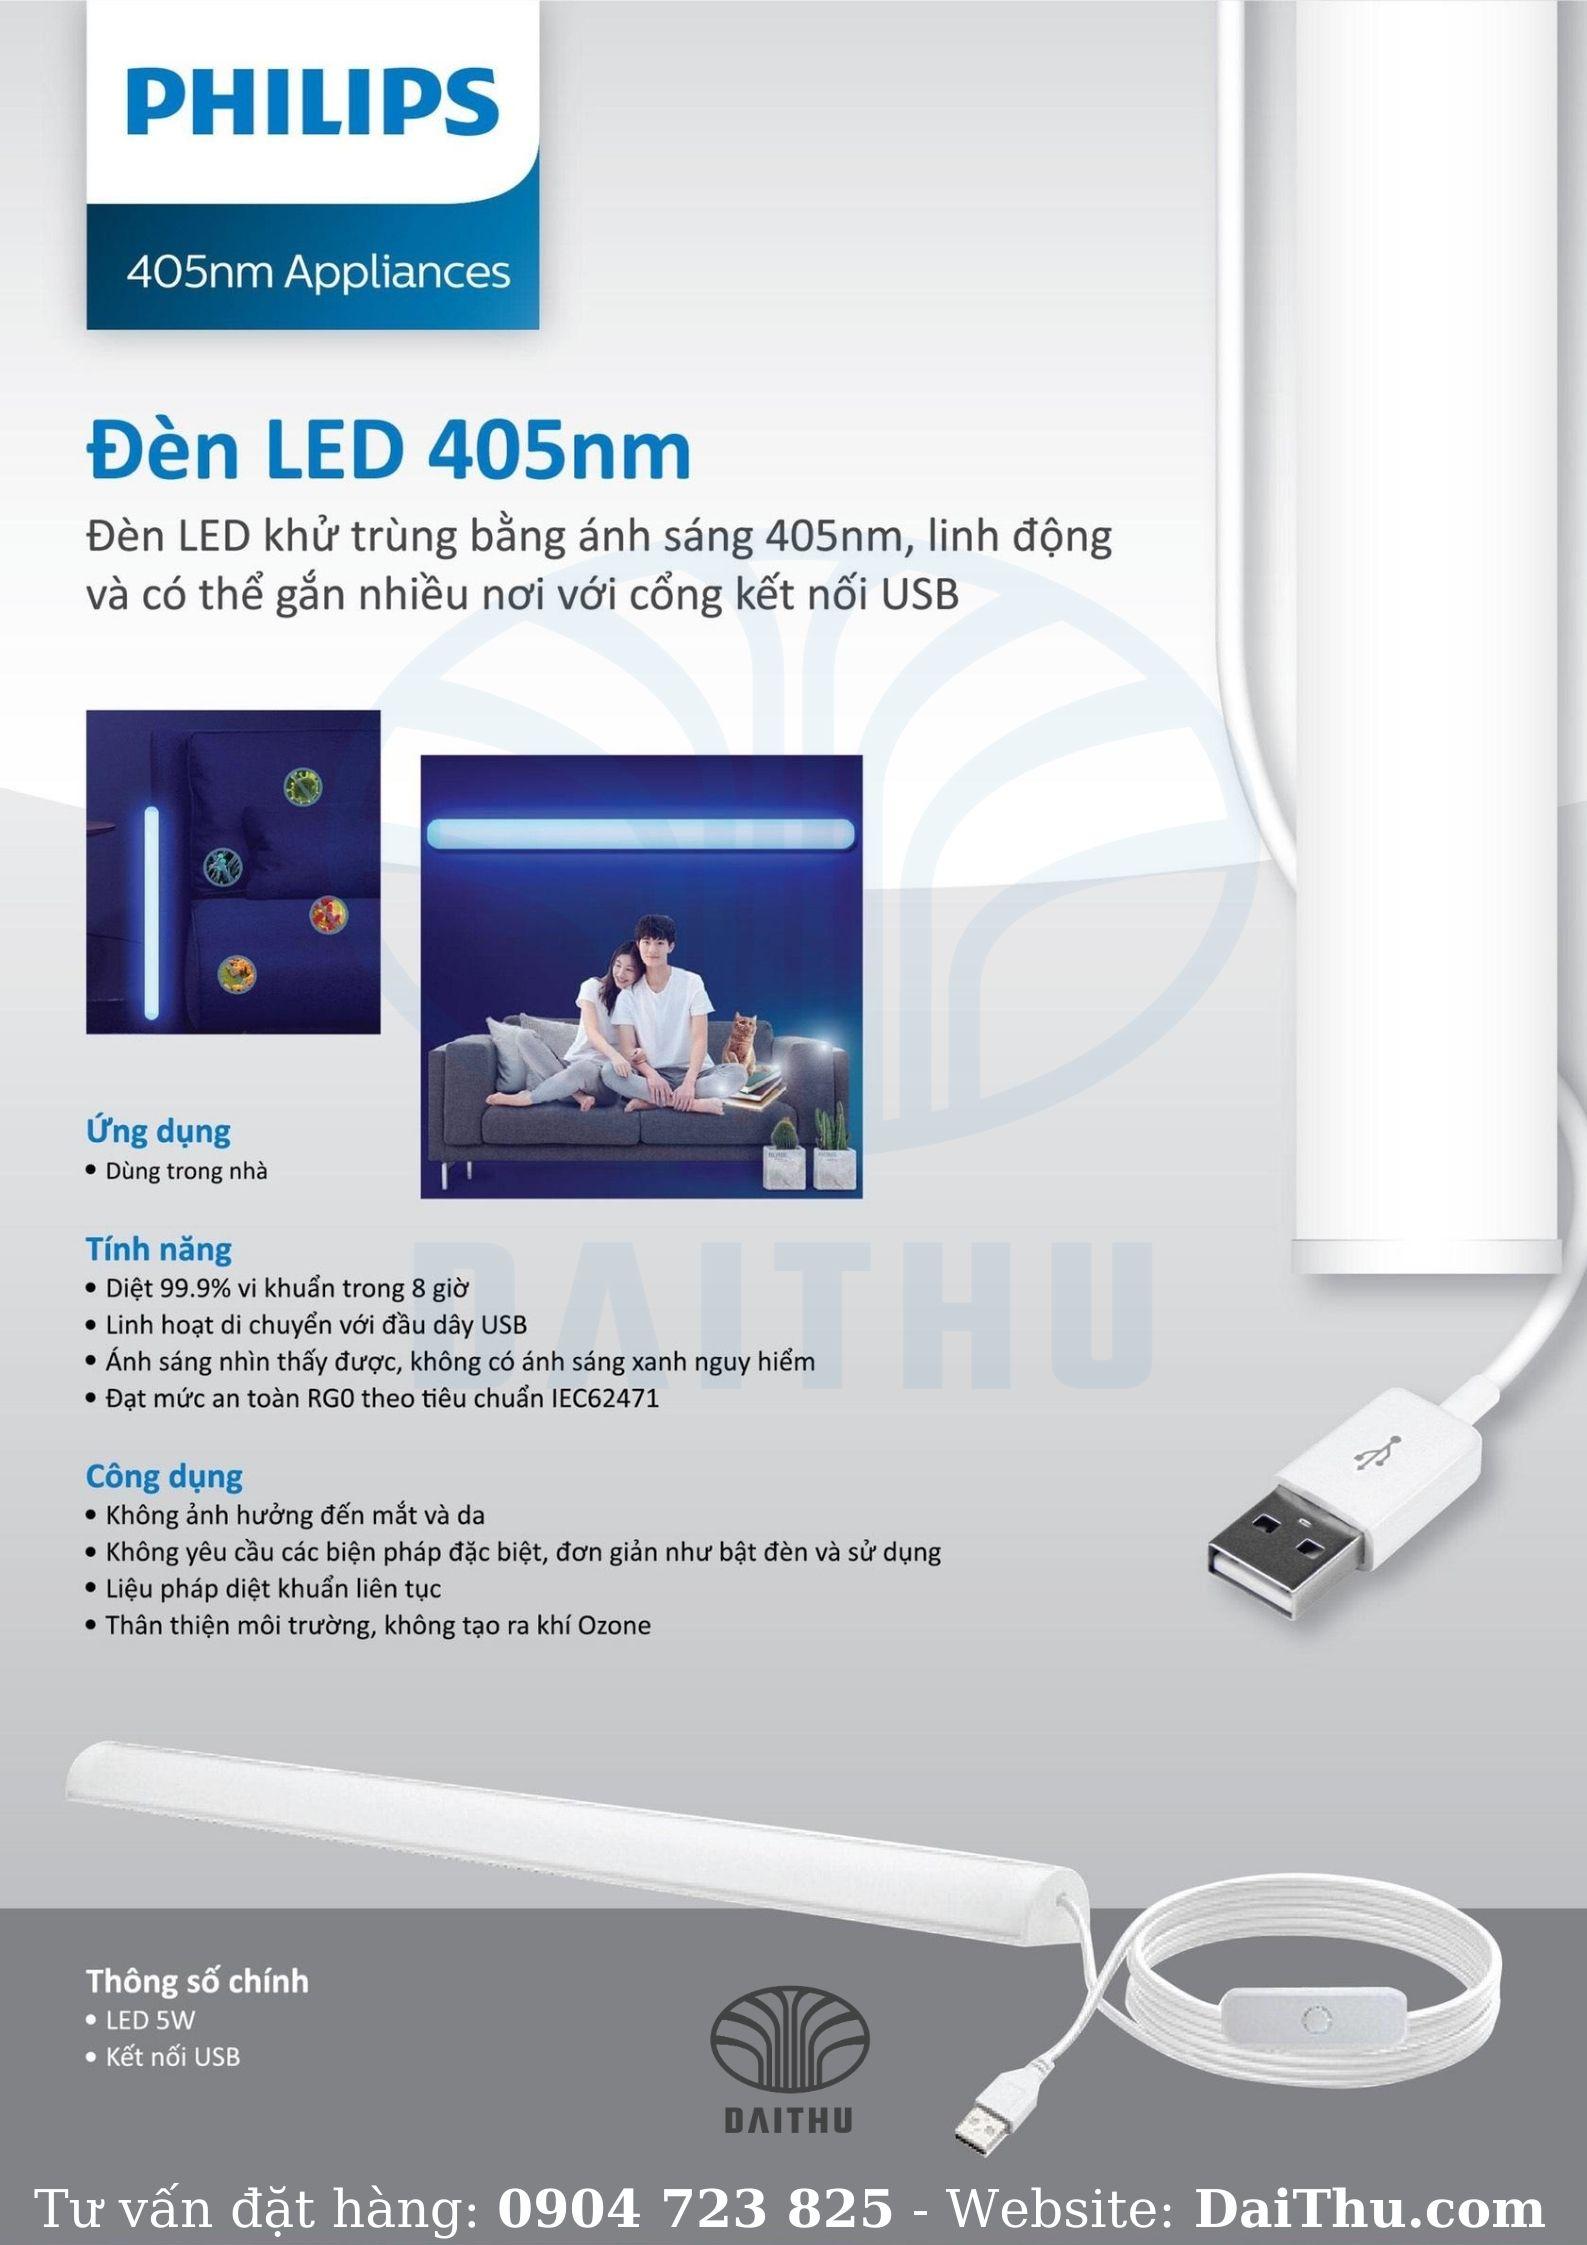 Hình thực tế Đèn Led khử trùng Philips ánh sáng 405nm UV ánh sáng diệt 99.9% vi khuẩn - công suất 5W - Dai Thu Company